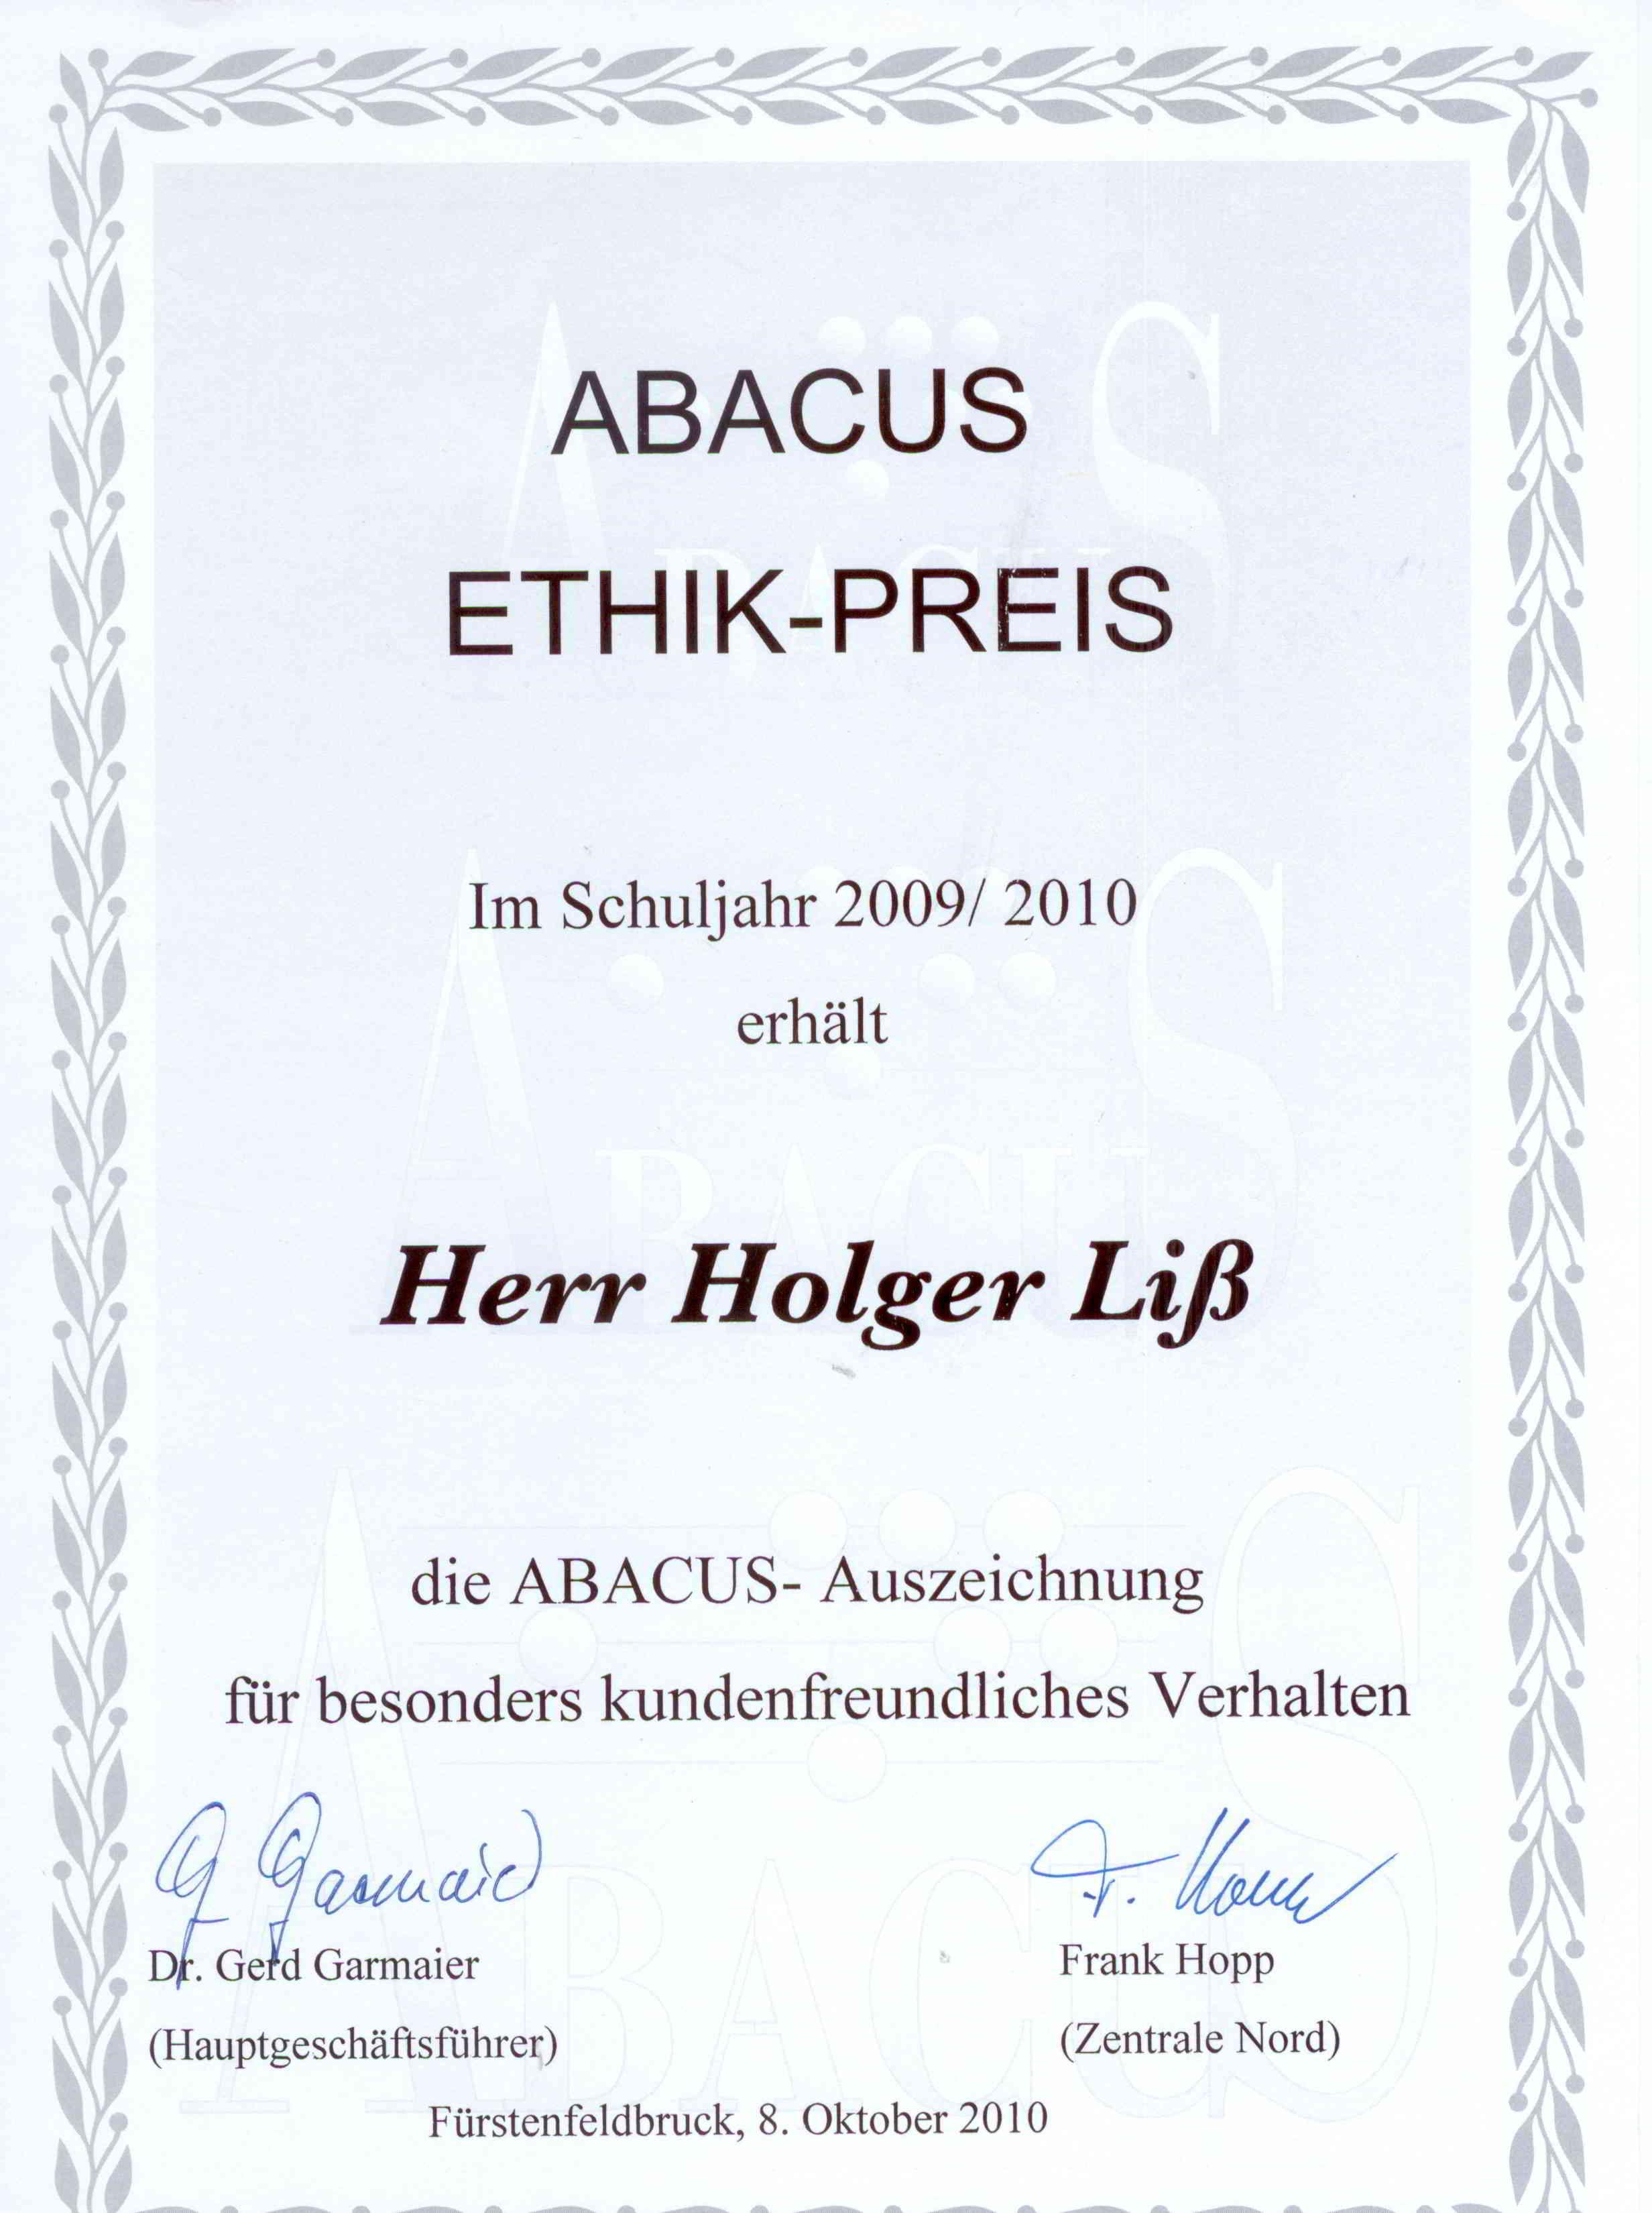 ABACUS-Urkunde: Ethik-Preis 2009/2010